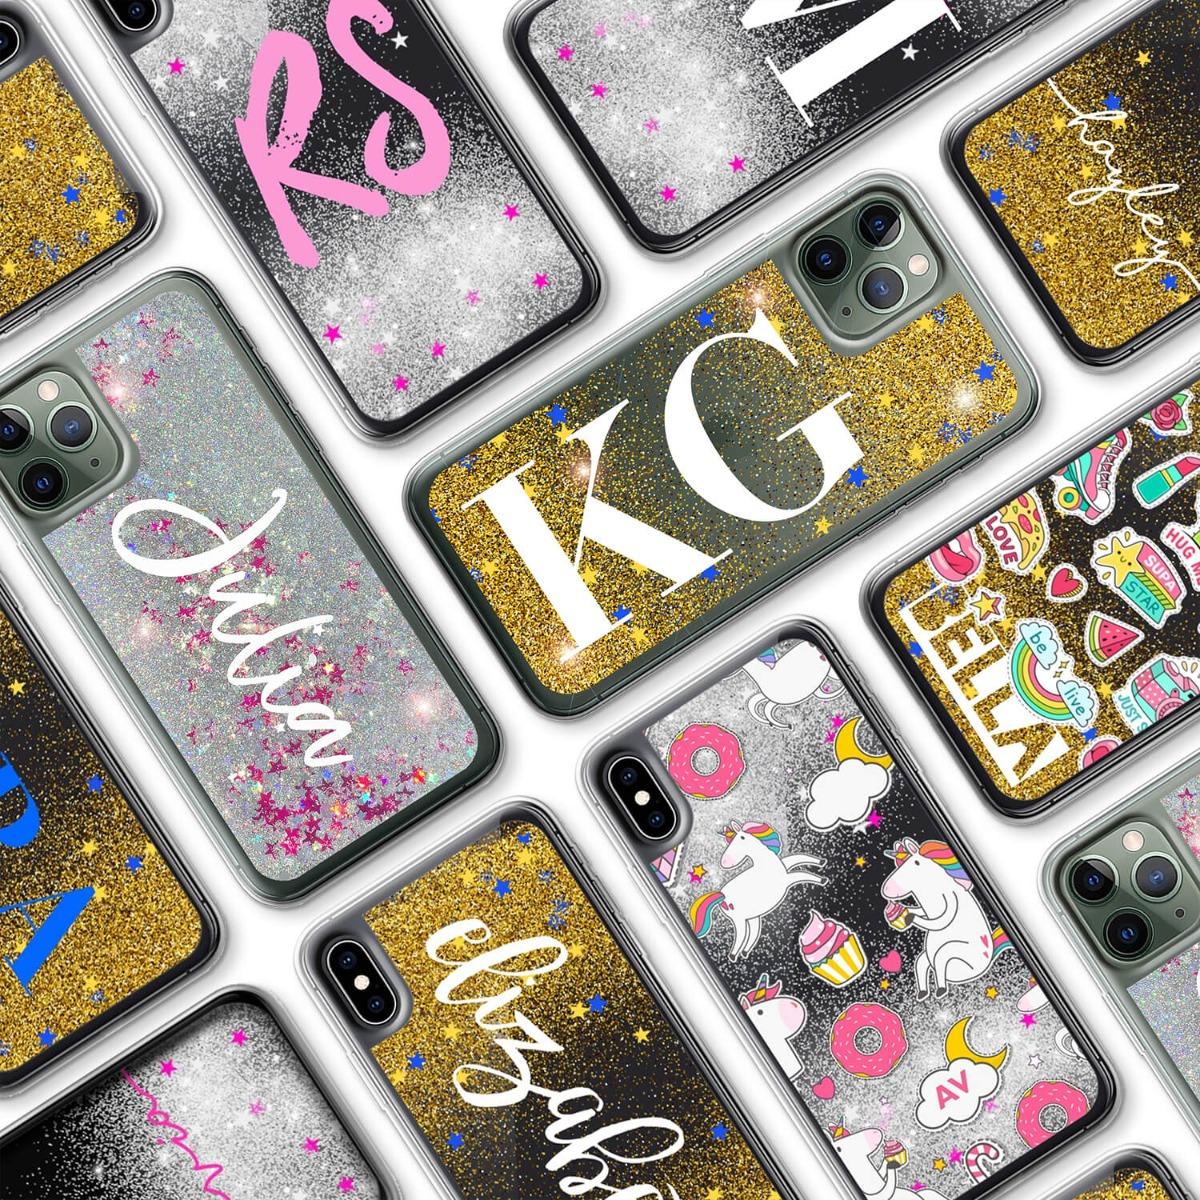 iPhone 7 Glitter Case 16145